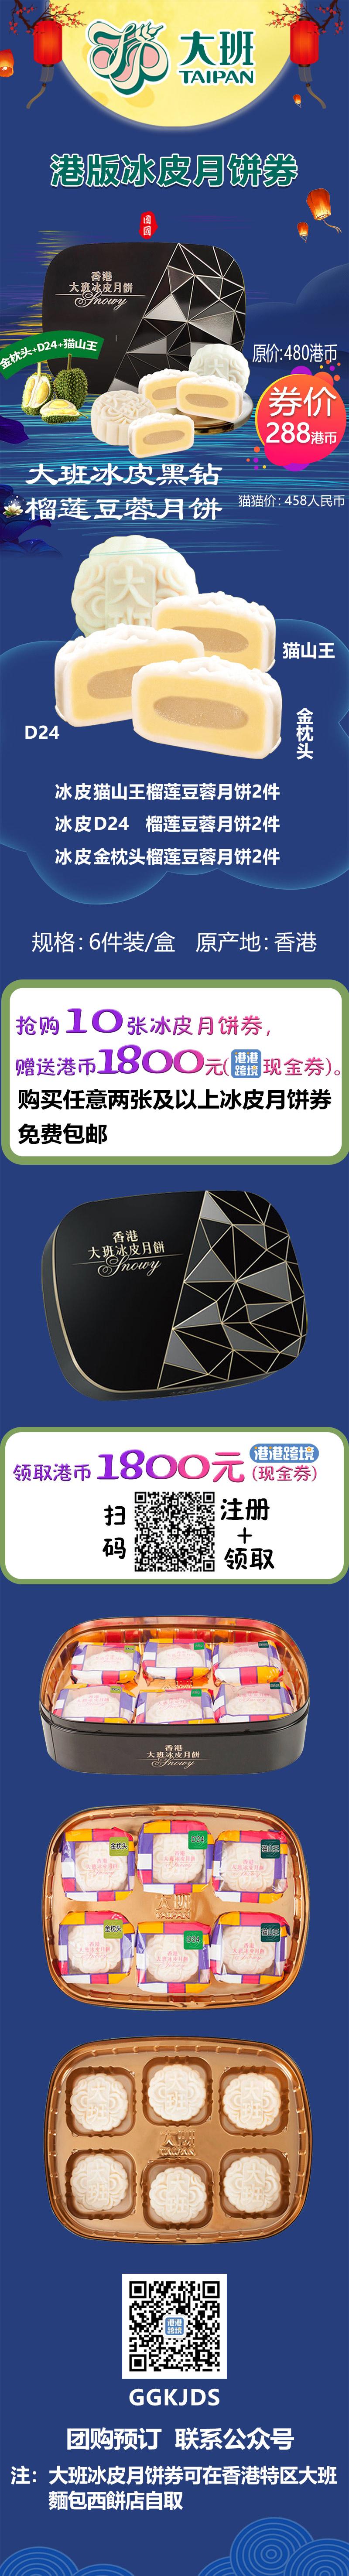 大班冰皮黑钻榴莲豆蓉月饼.jpg